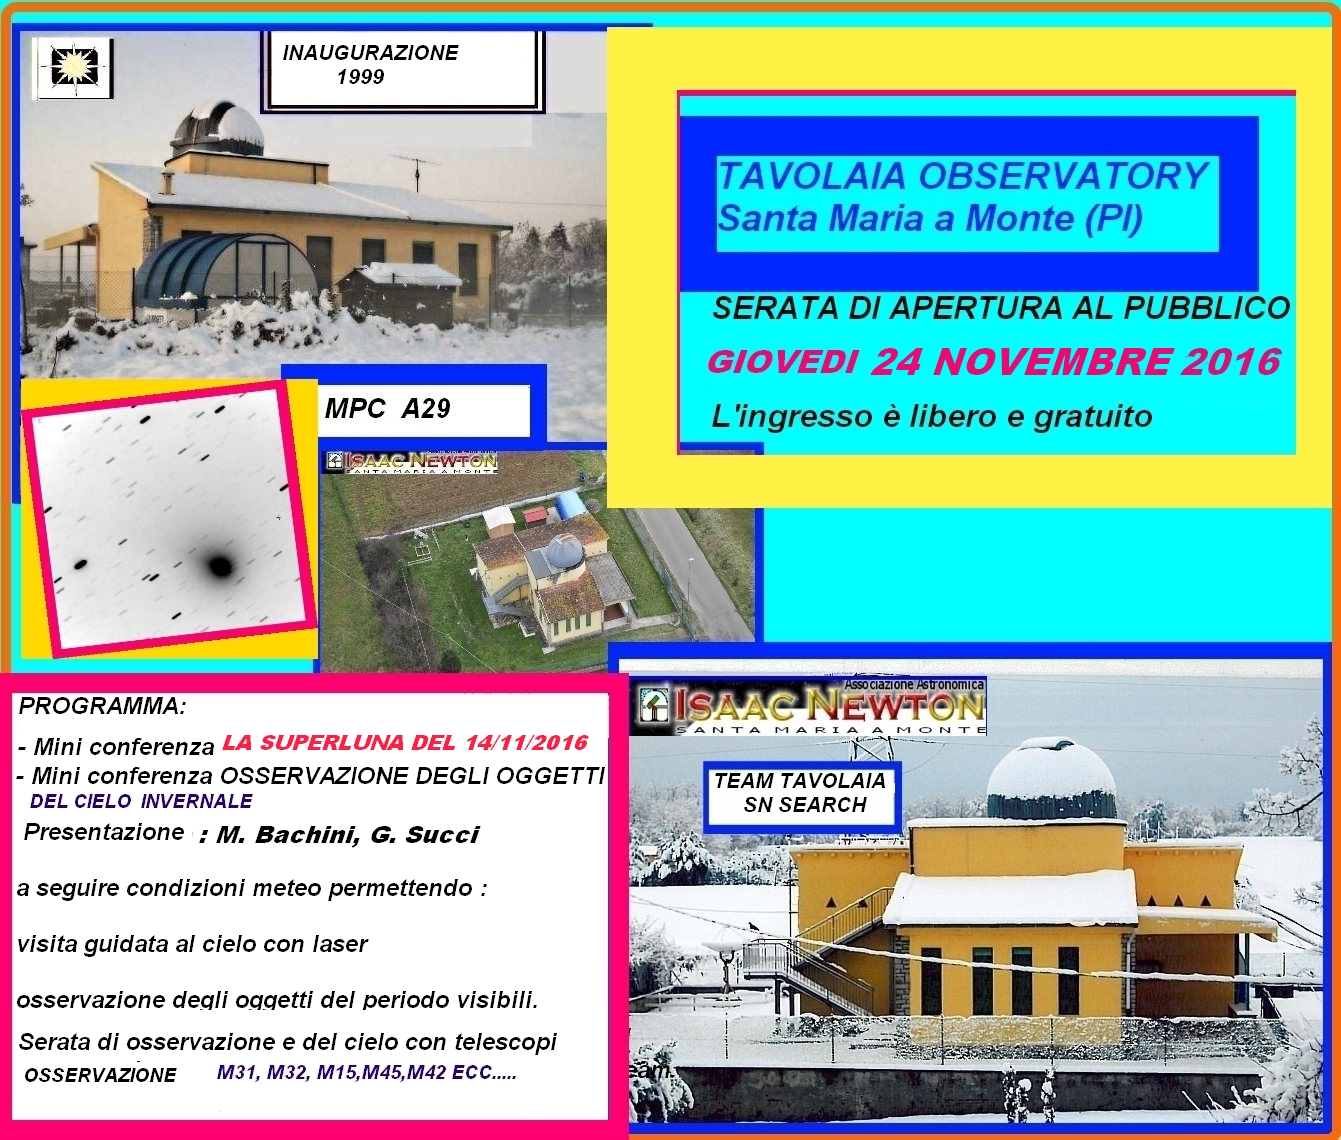 serata_apertura_24_movembre_2016.jpg